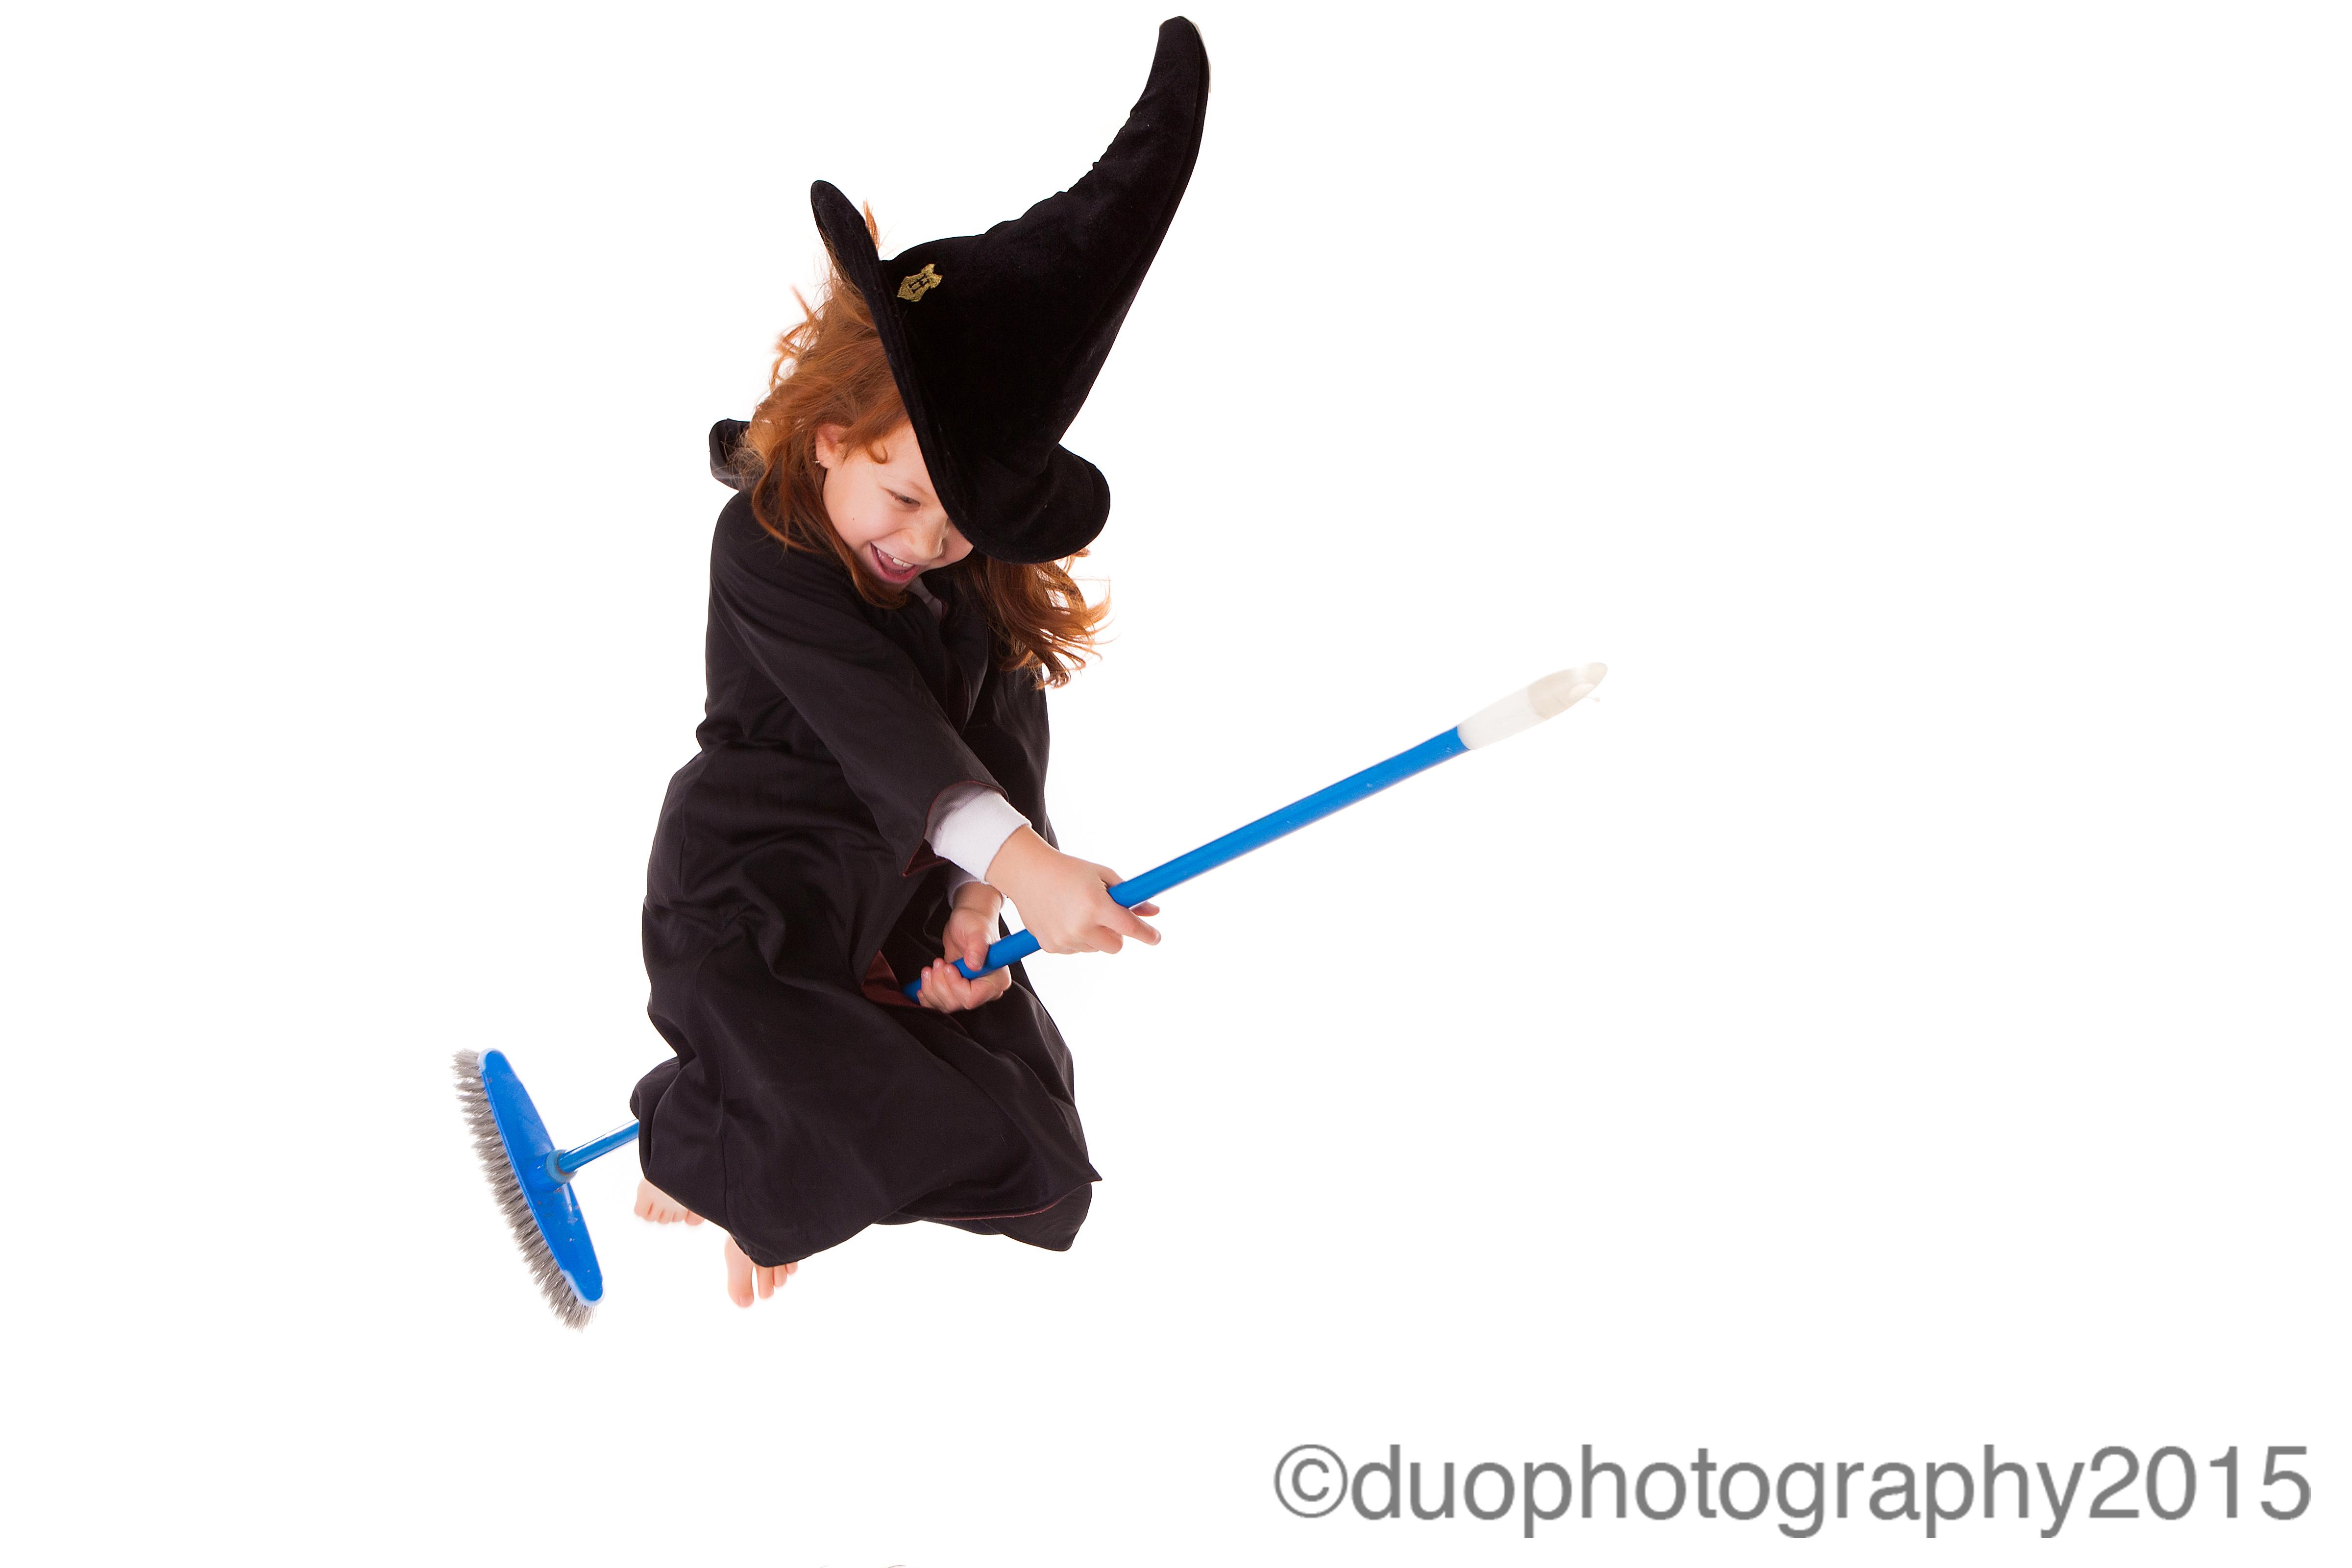 Practising for Quidditch